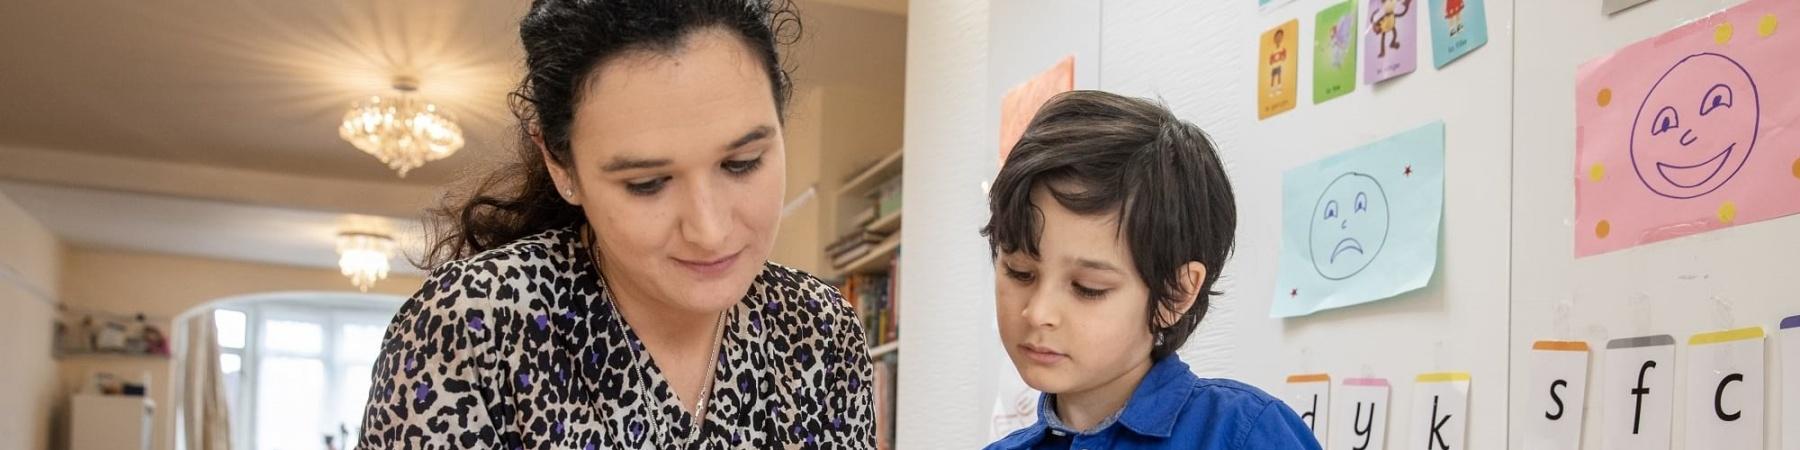 mamma e figlio sfogliano libro con sfondo di una casa e di una libreria con disegni fatti dal bambino